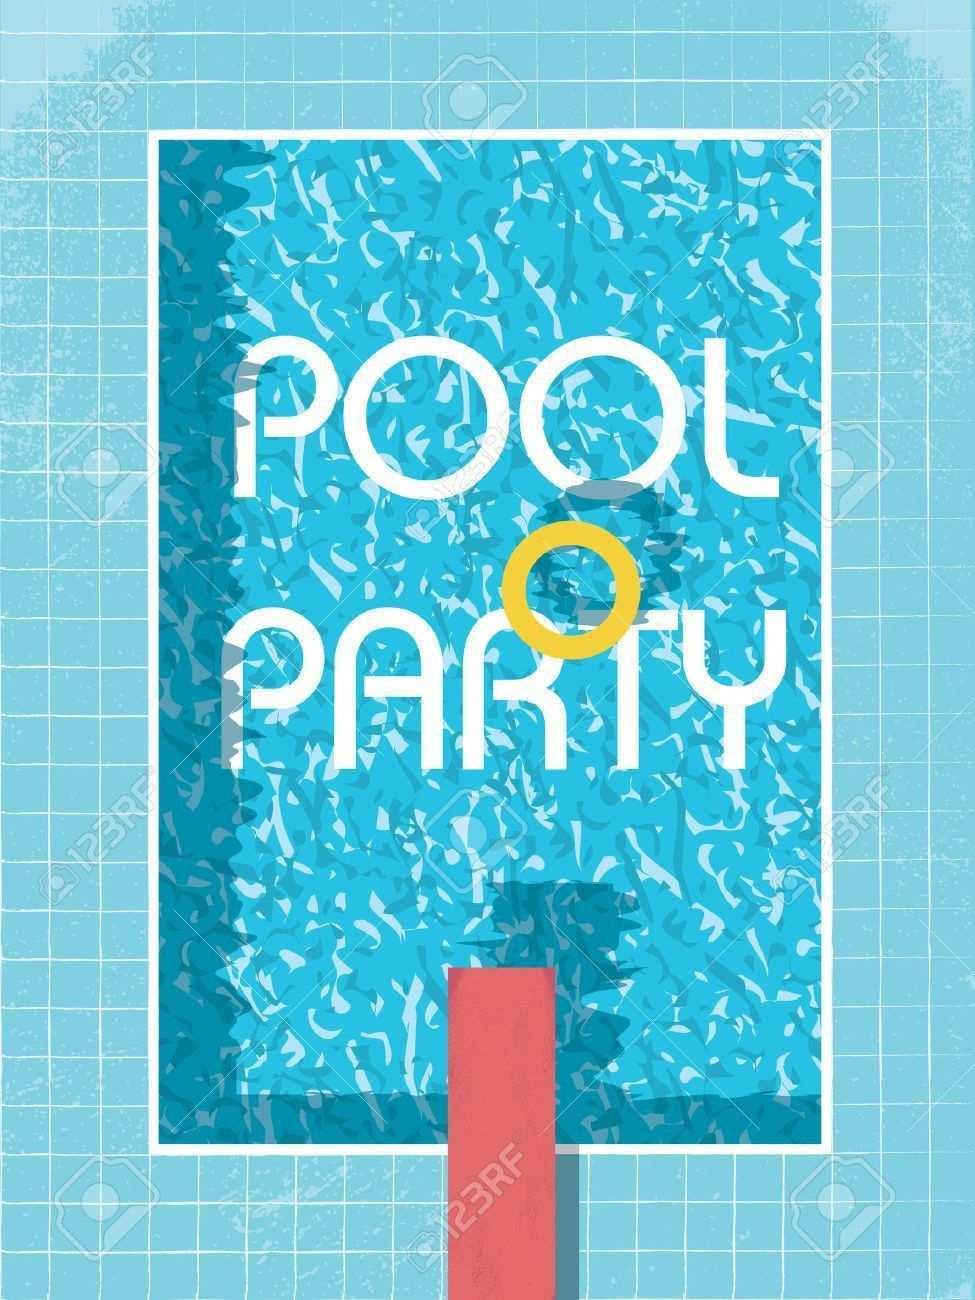 Einladung Kindergeburtstag Pool Party Beautiful Einladung Poolparty Ausdrucken Geburt Einladung Kindergeburtstag Einladungskarten Kindergeburtstag Poolpartys